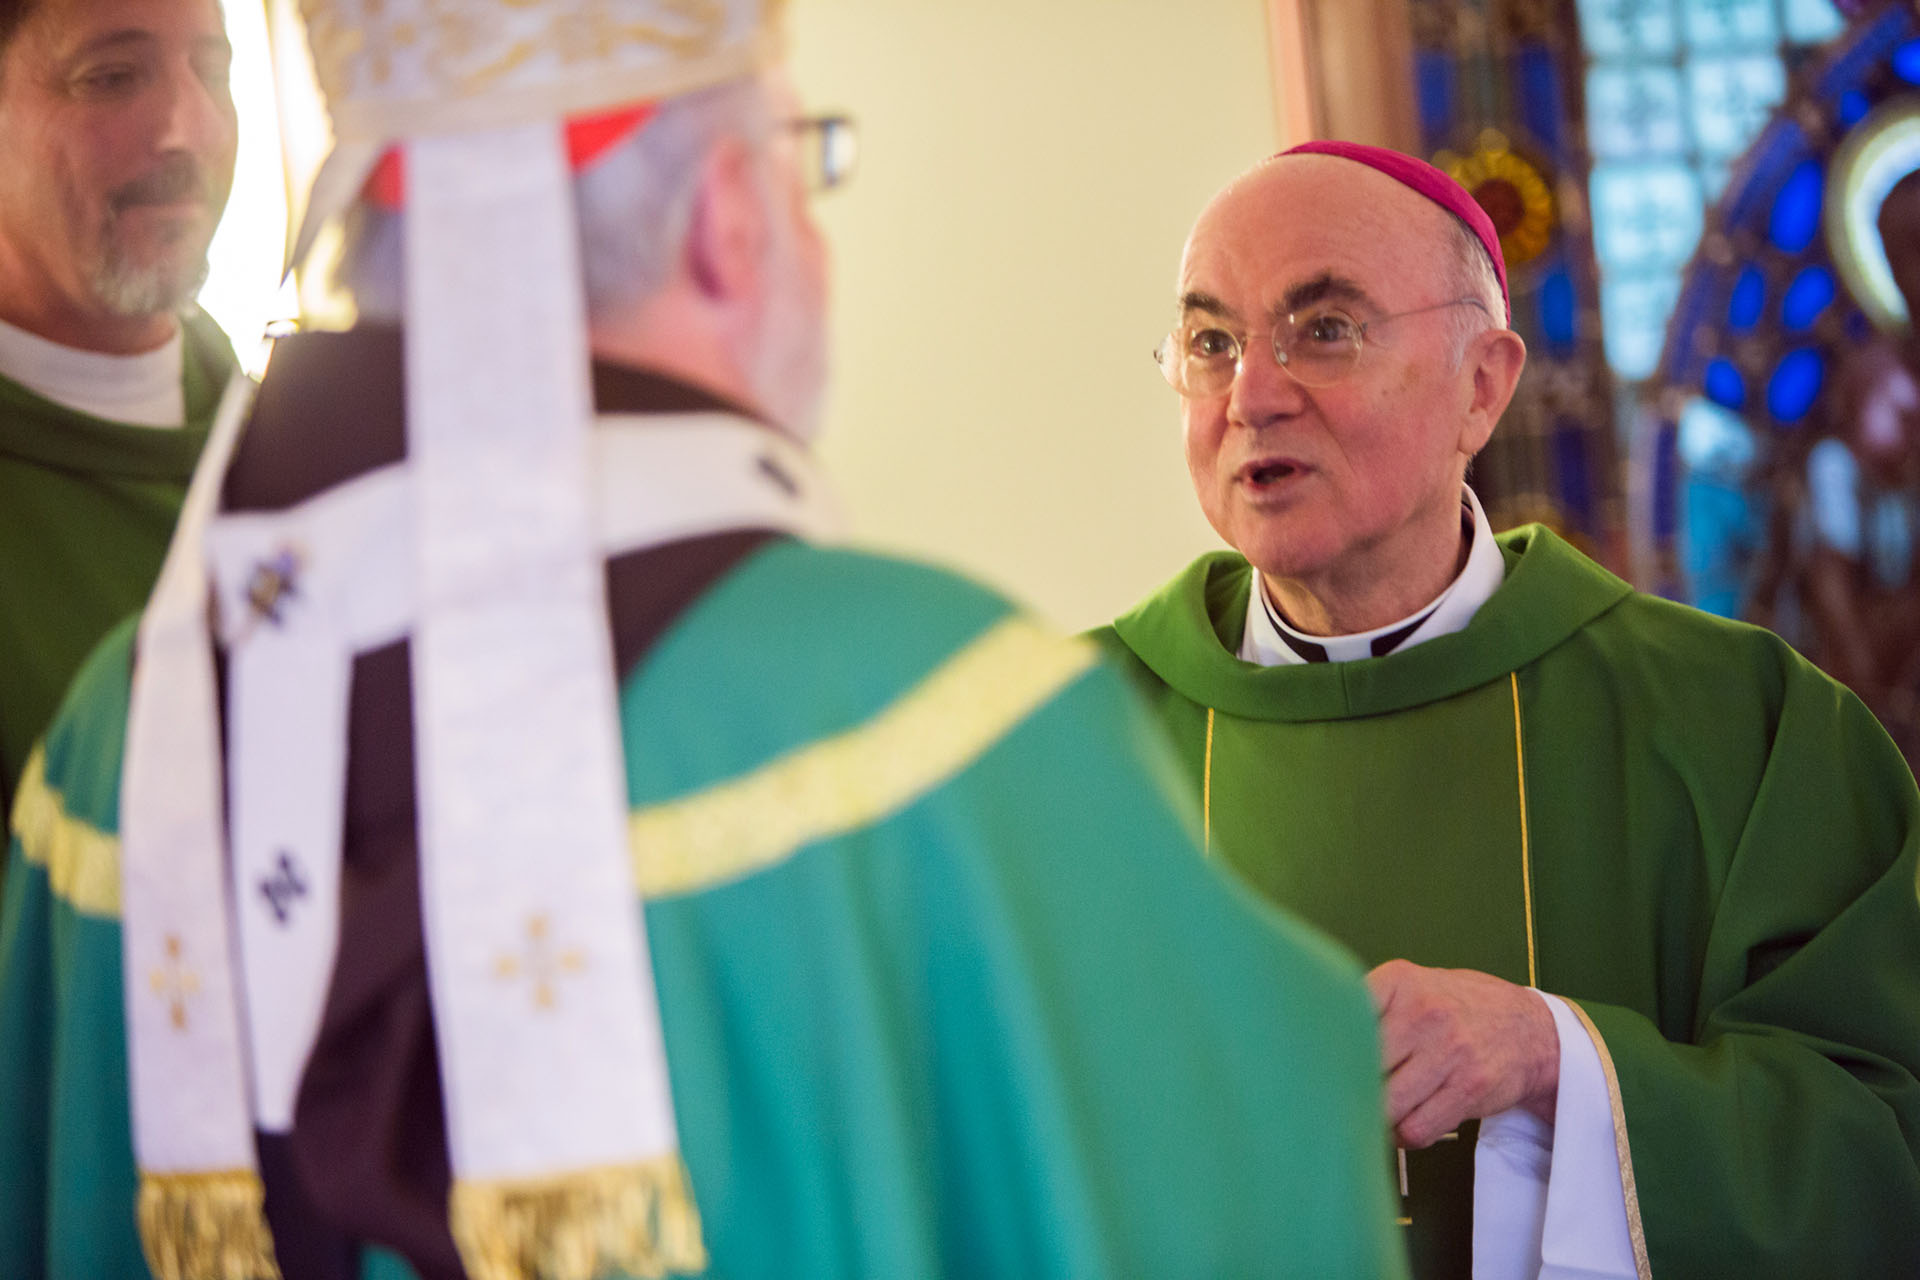 Abus sexuels: le Vatican bloque les mesures envisagées par les évêques américains